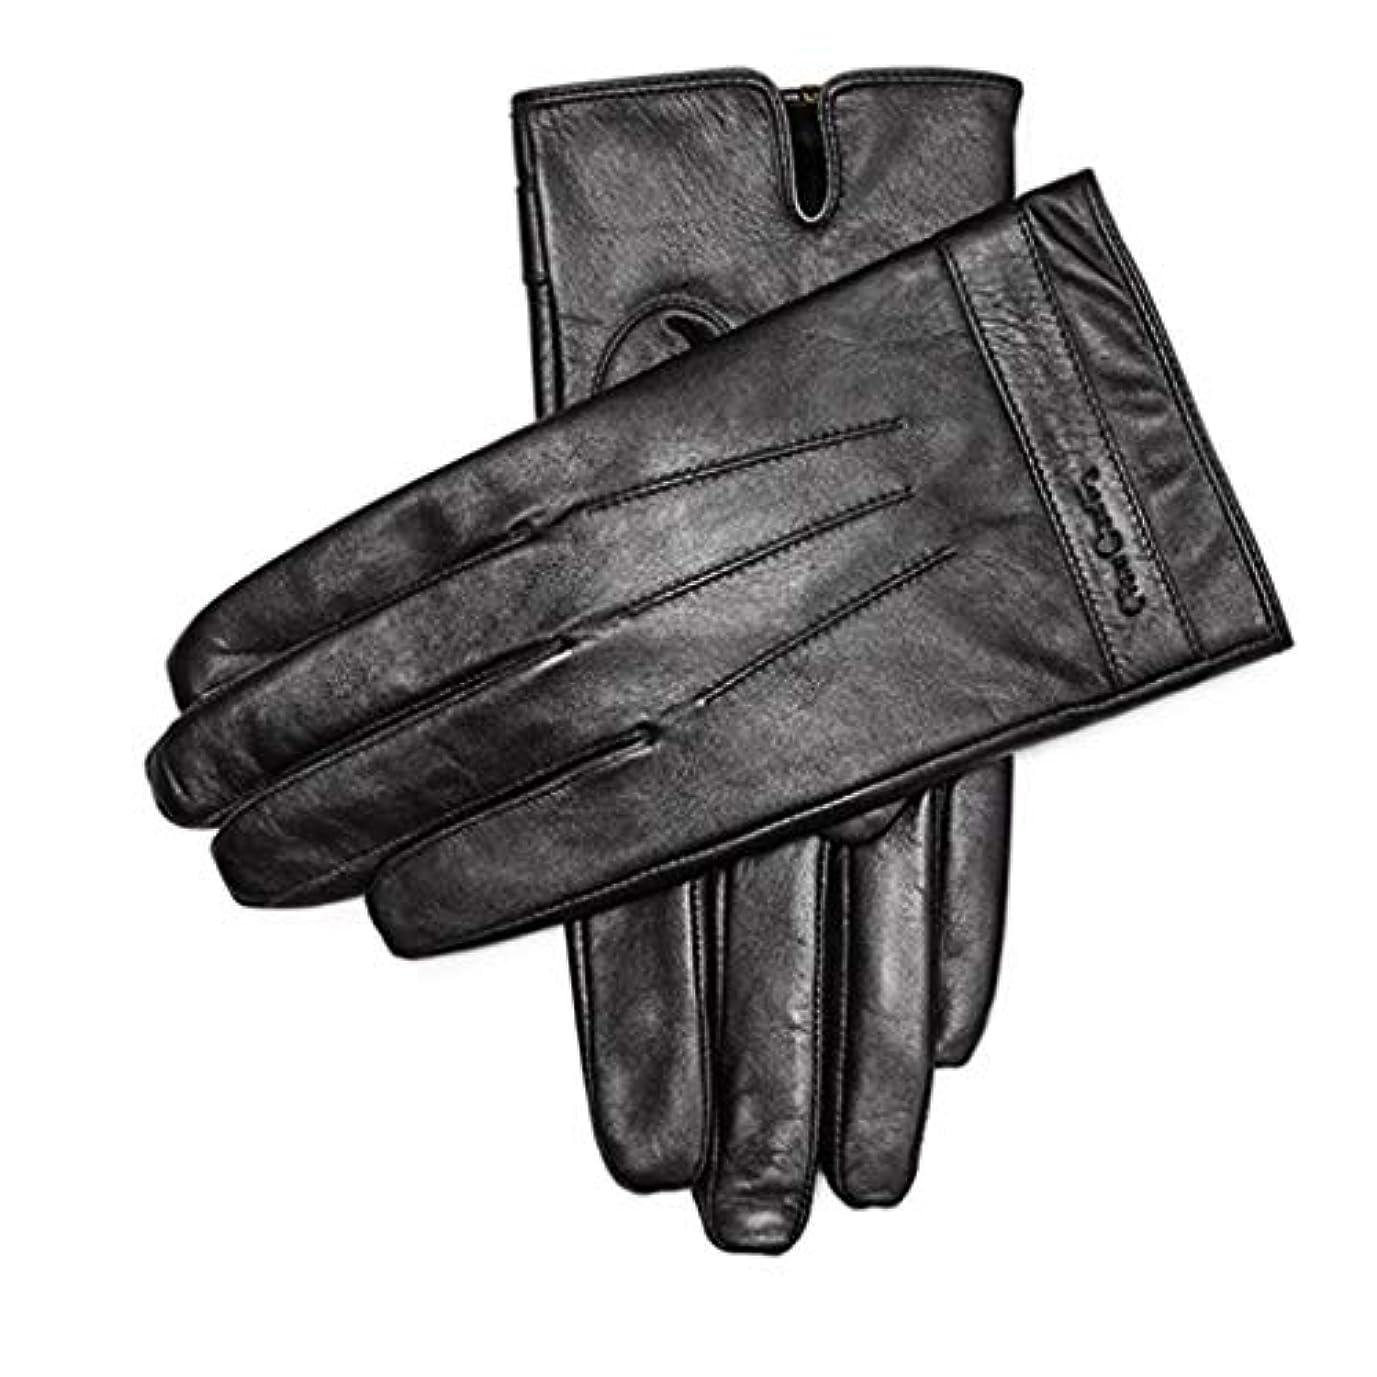 眩惑する考える残り物手袋暖かい肥厚プラスベルベットメンズシープスキン手袋メンズウィンターアンチスキッドサイクリングレザーグローブタッチスクリーンモデル(883191170-1厚いベルベット)L(175 / 65-70KG)